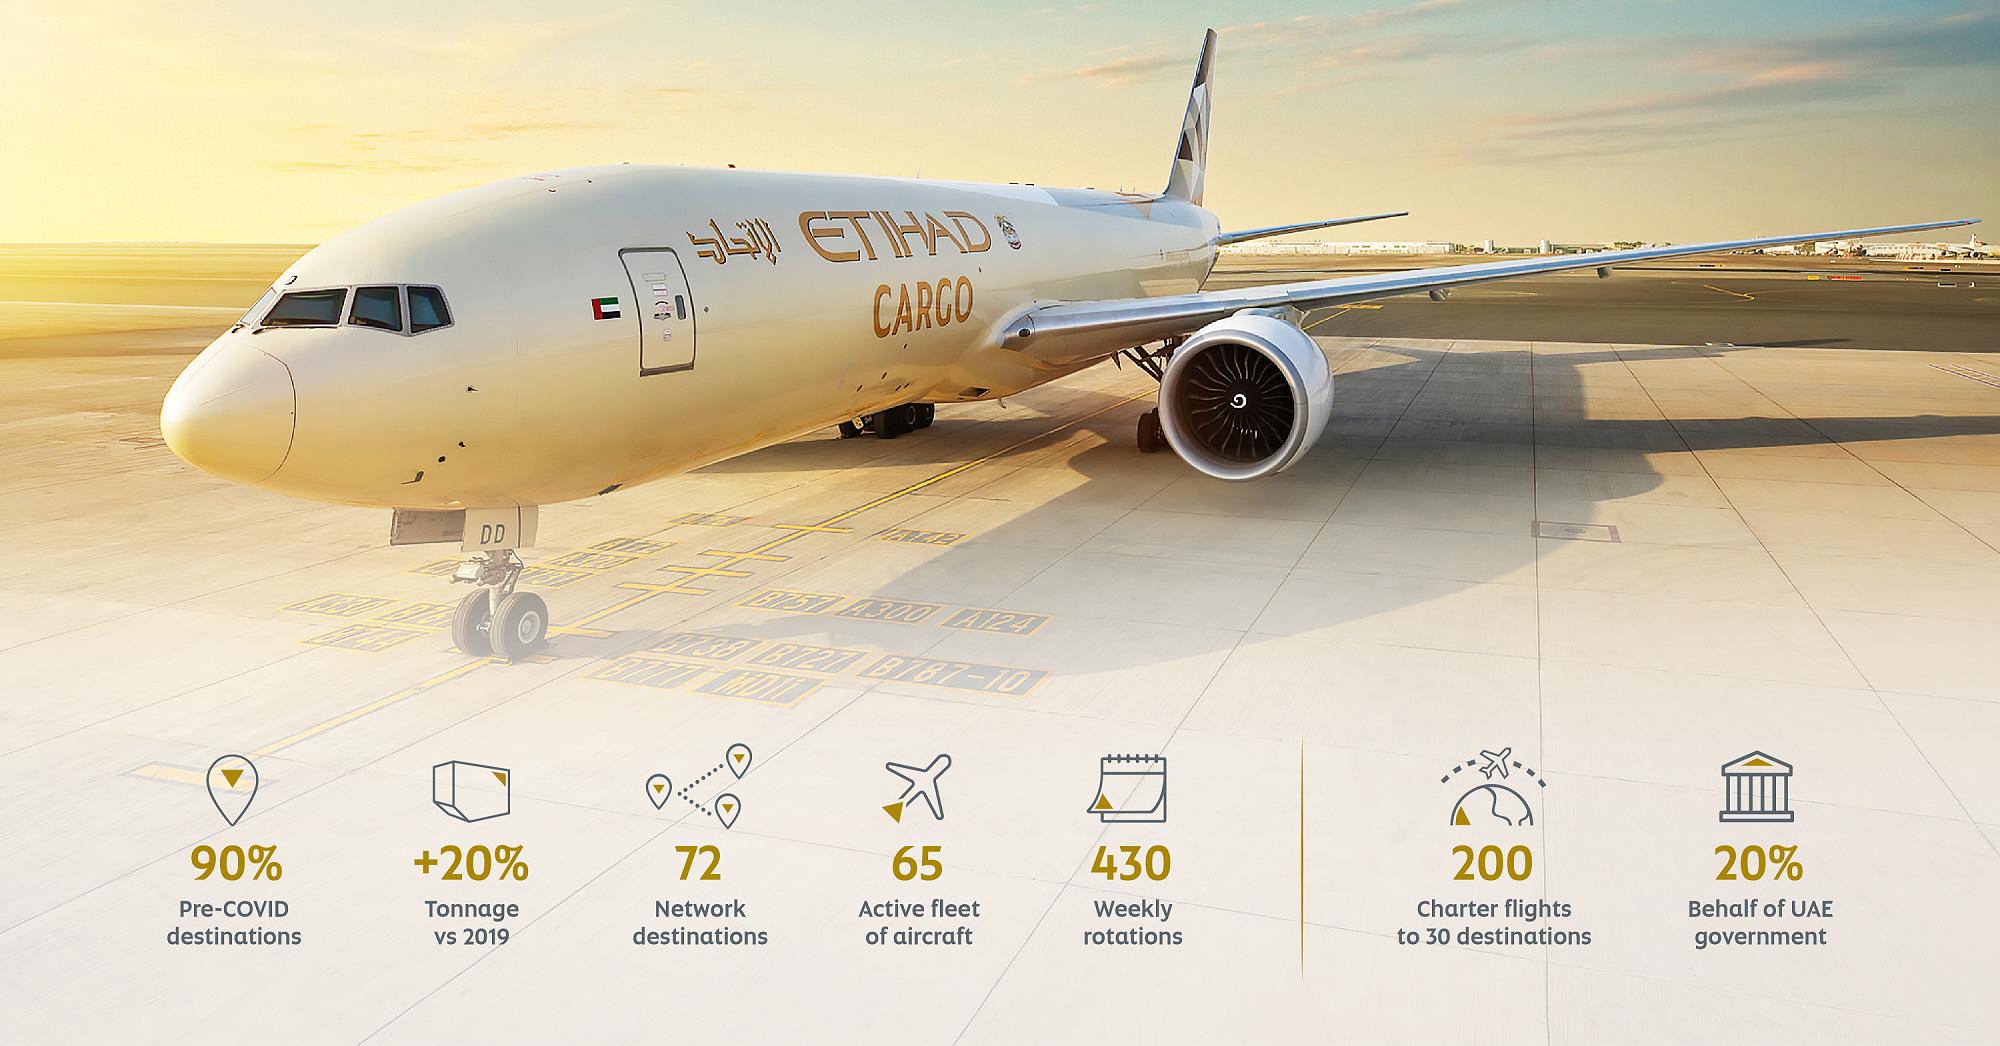 Etihad Cargo's tonnage up 20%